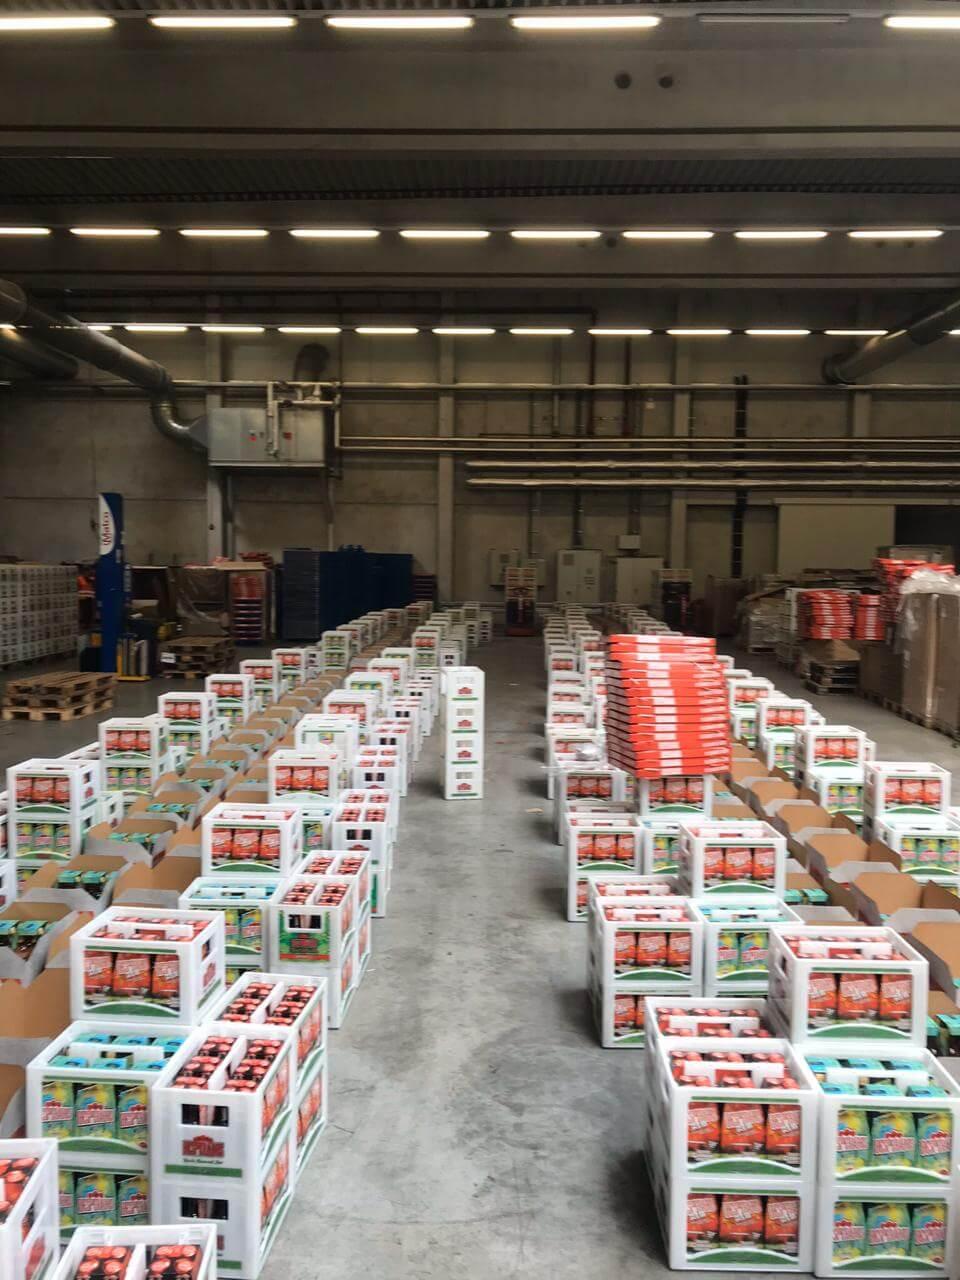 условия работы на складе пива в германии от виза маркет 1 фото